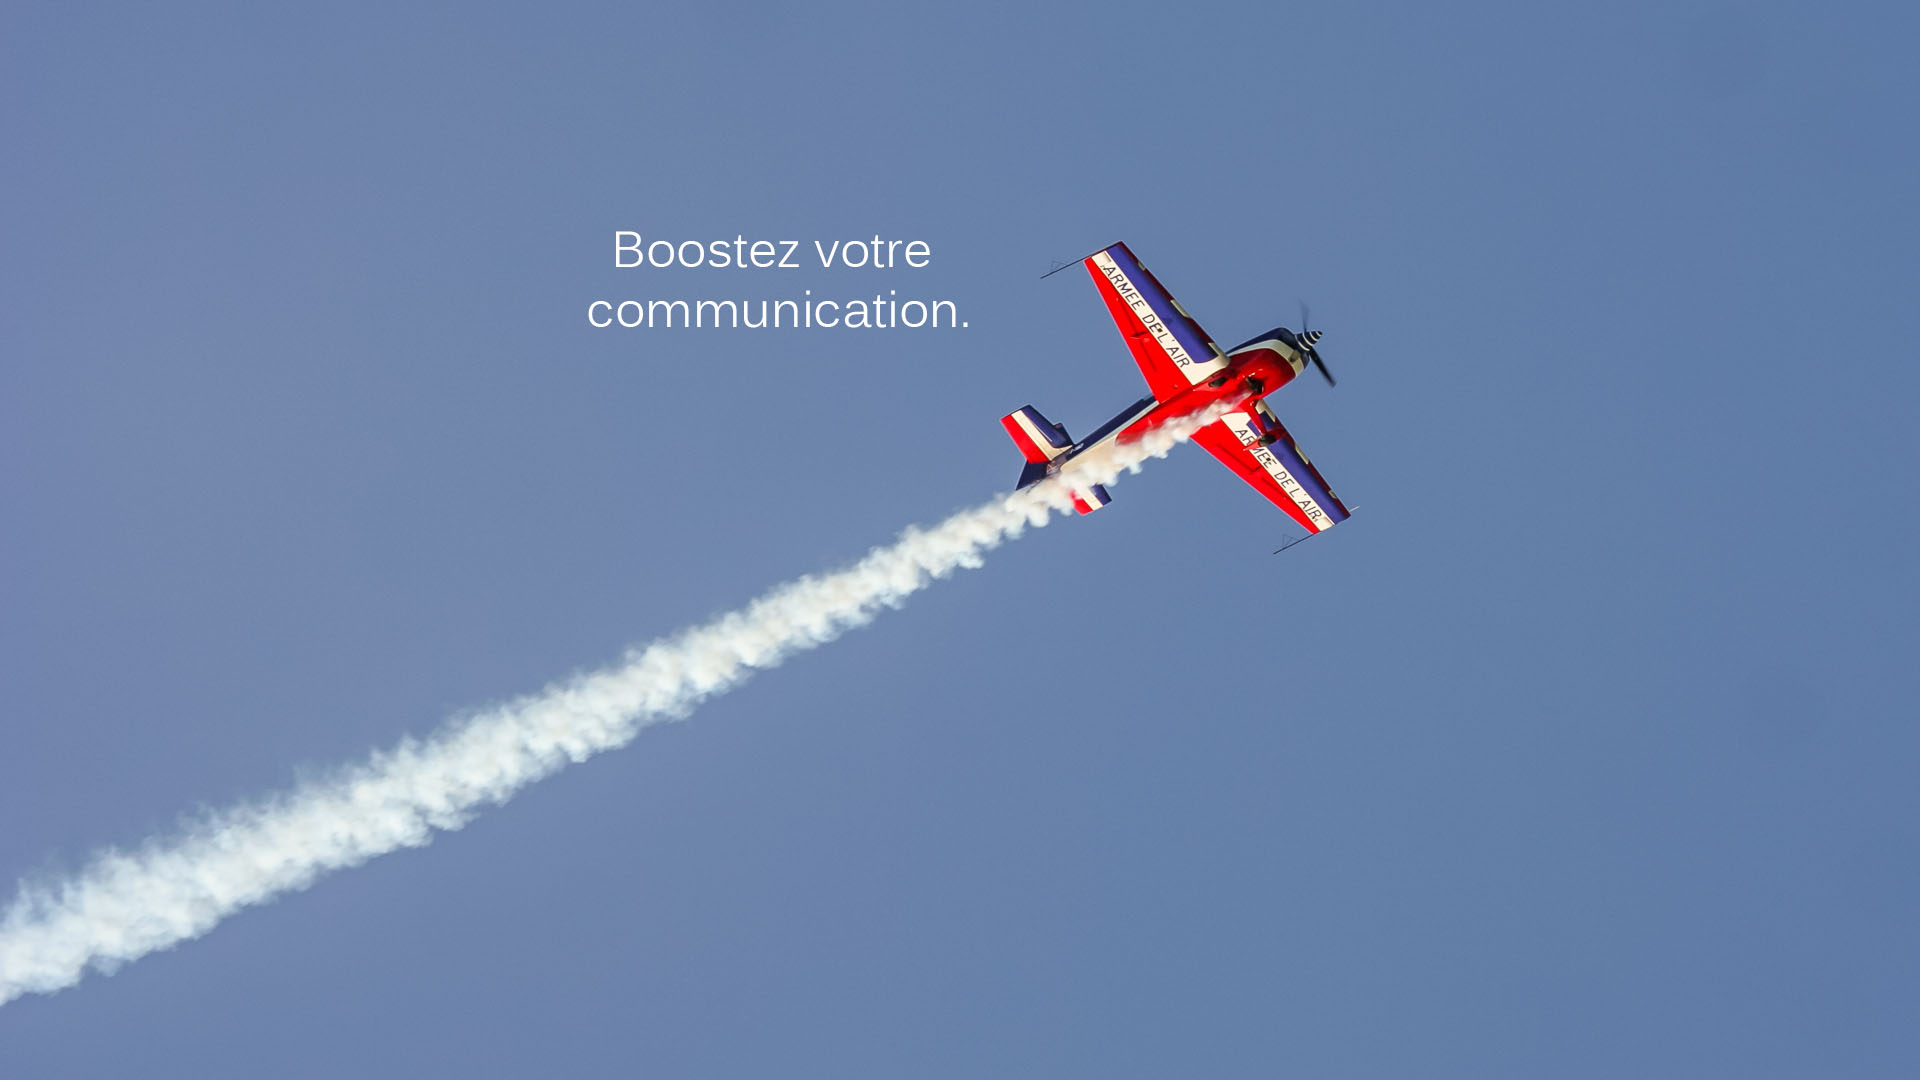 Boostez votre communication.